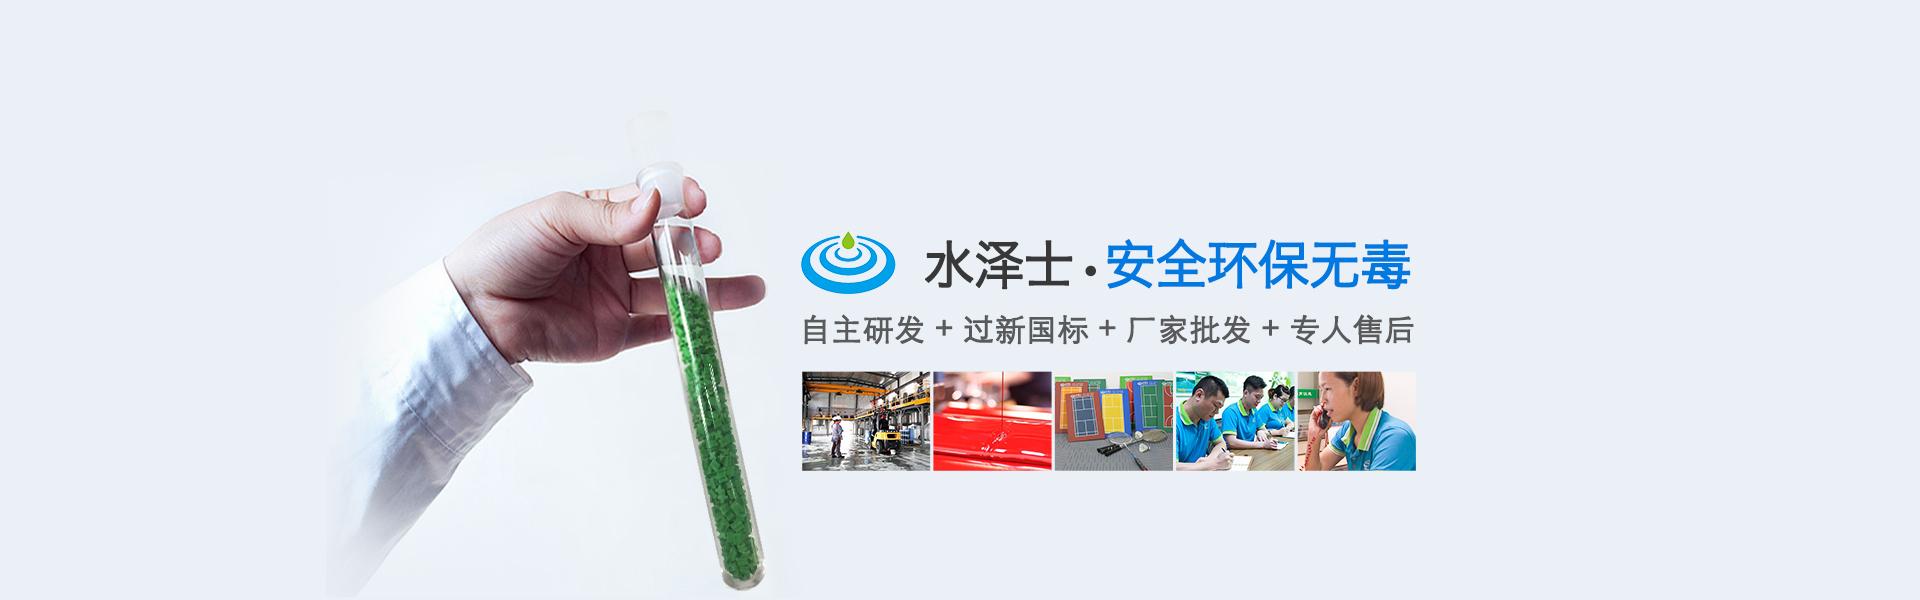 新国标塑胶跑道材料-运动地面材料厂家-新国标塑胶跑道材料厂家-混合型自结纹跑道